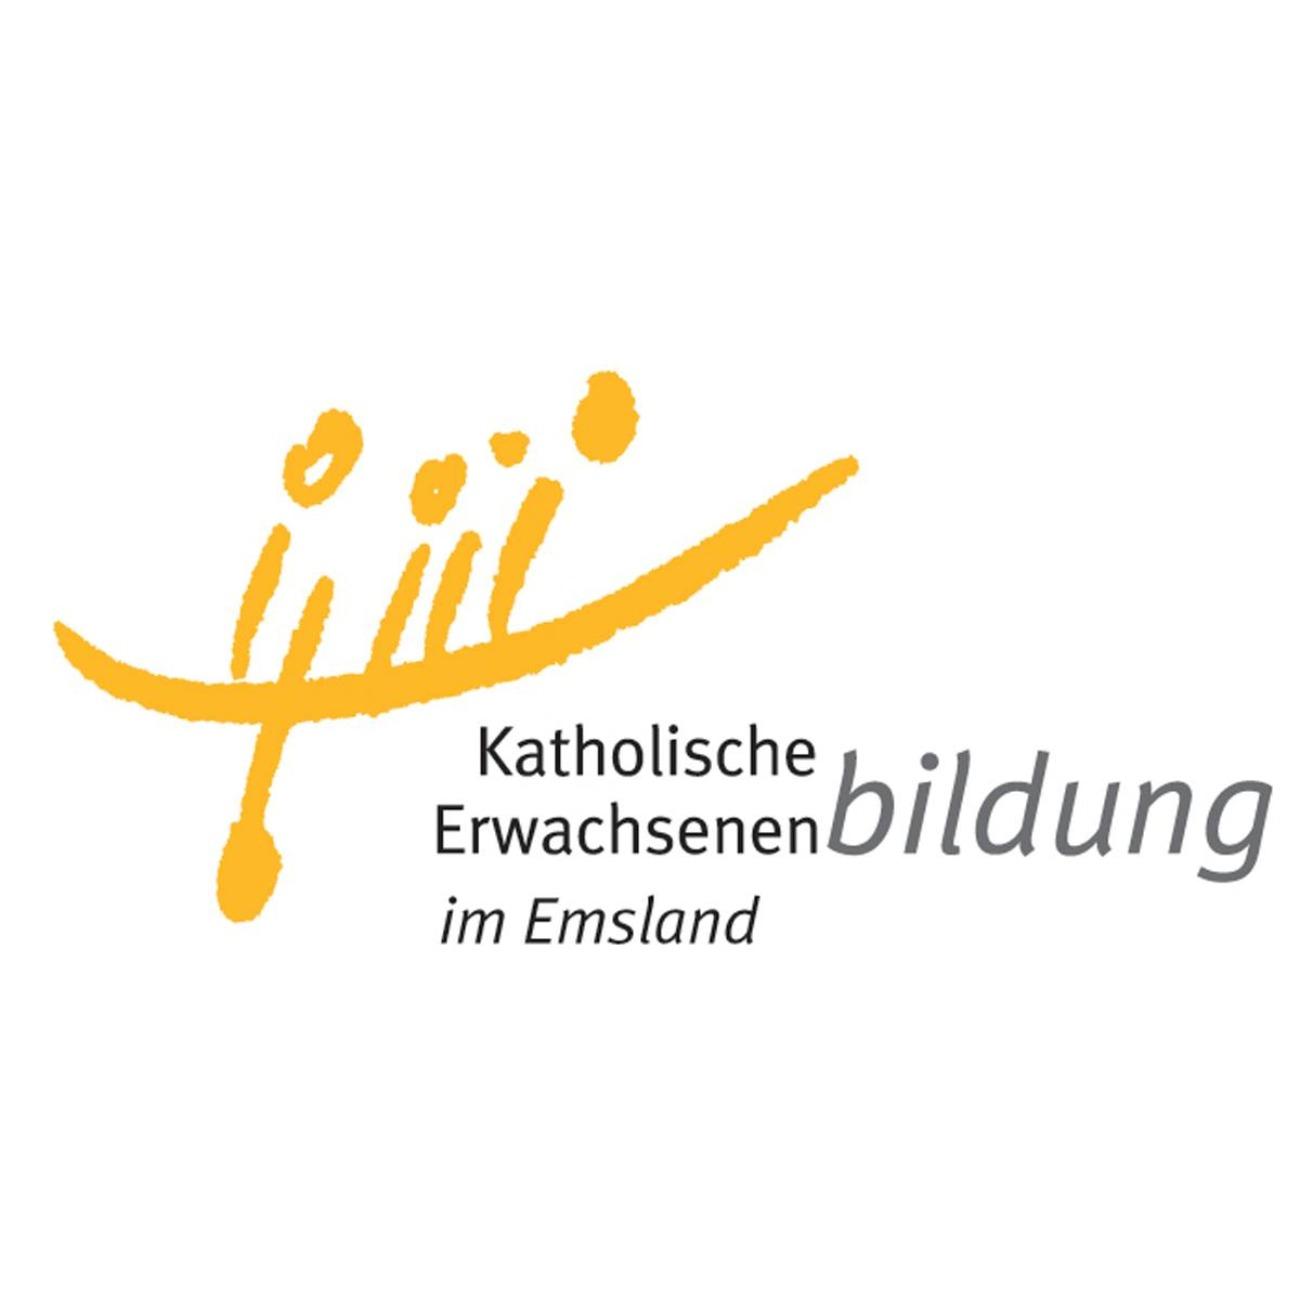 katholische erwachsenen bildung in emsland logo